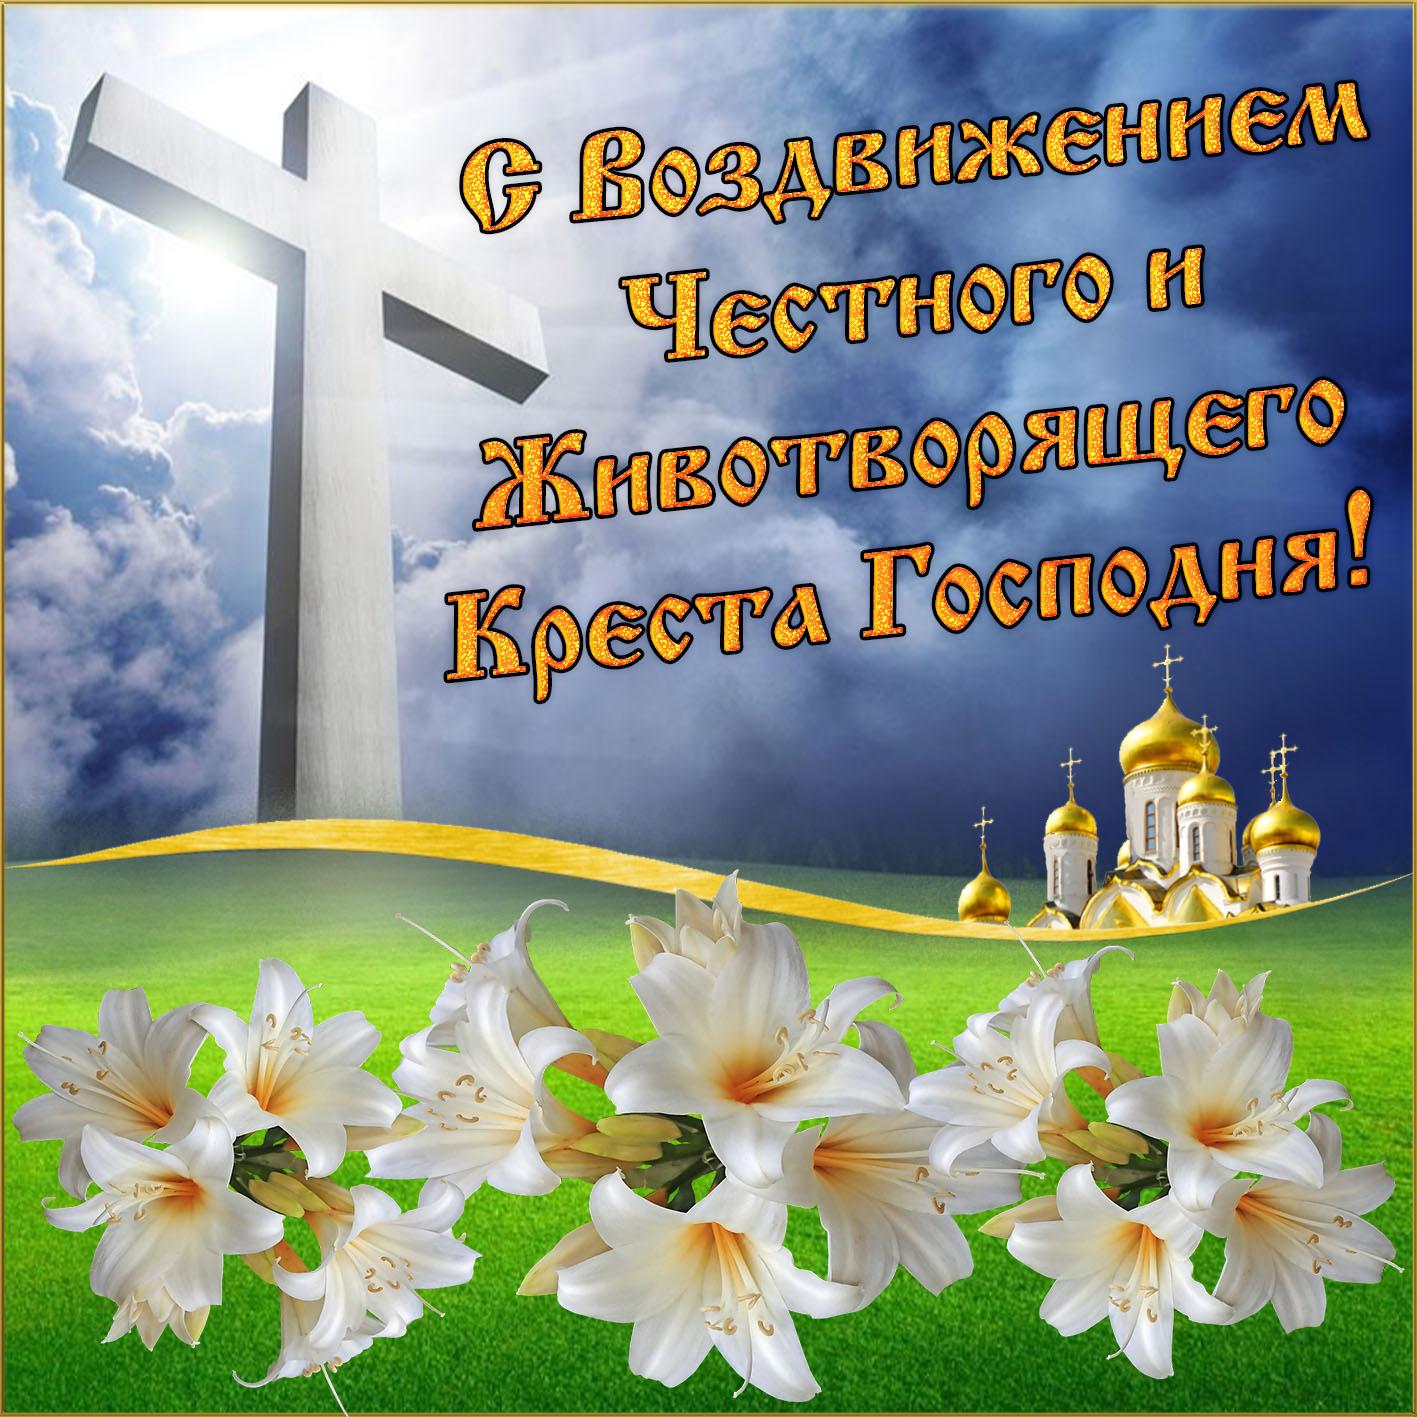 Праздник сегодня церковный открытки воздвижение